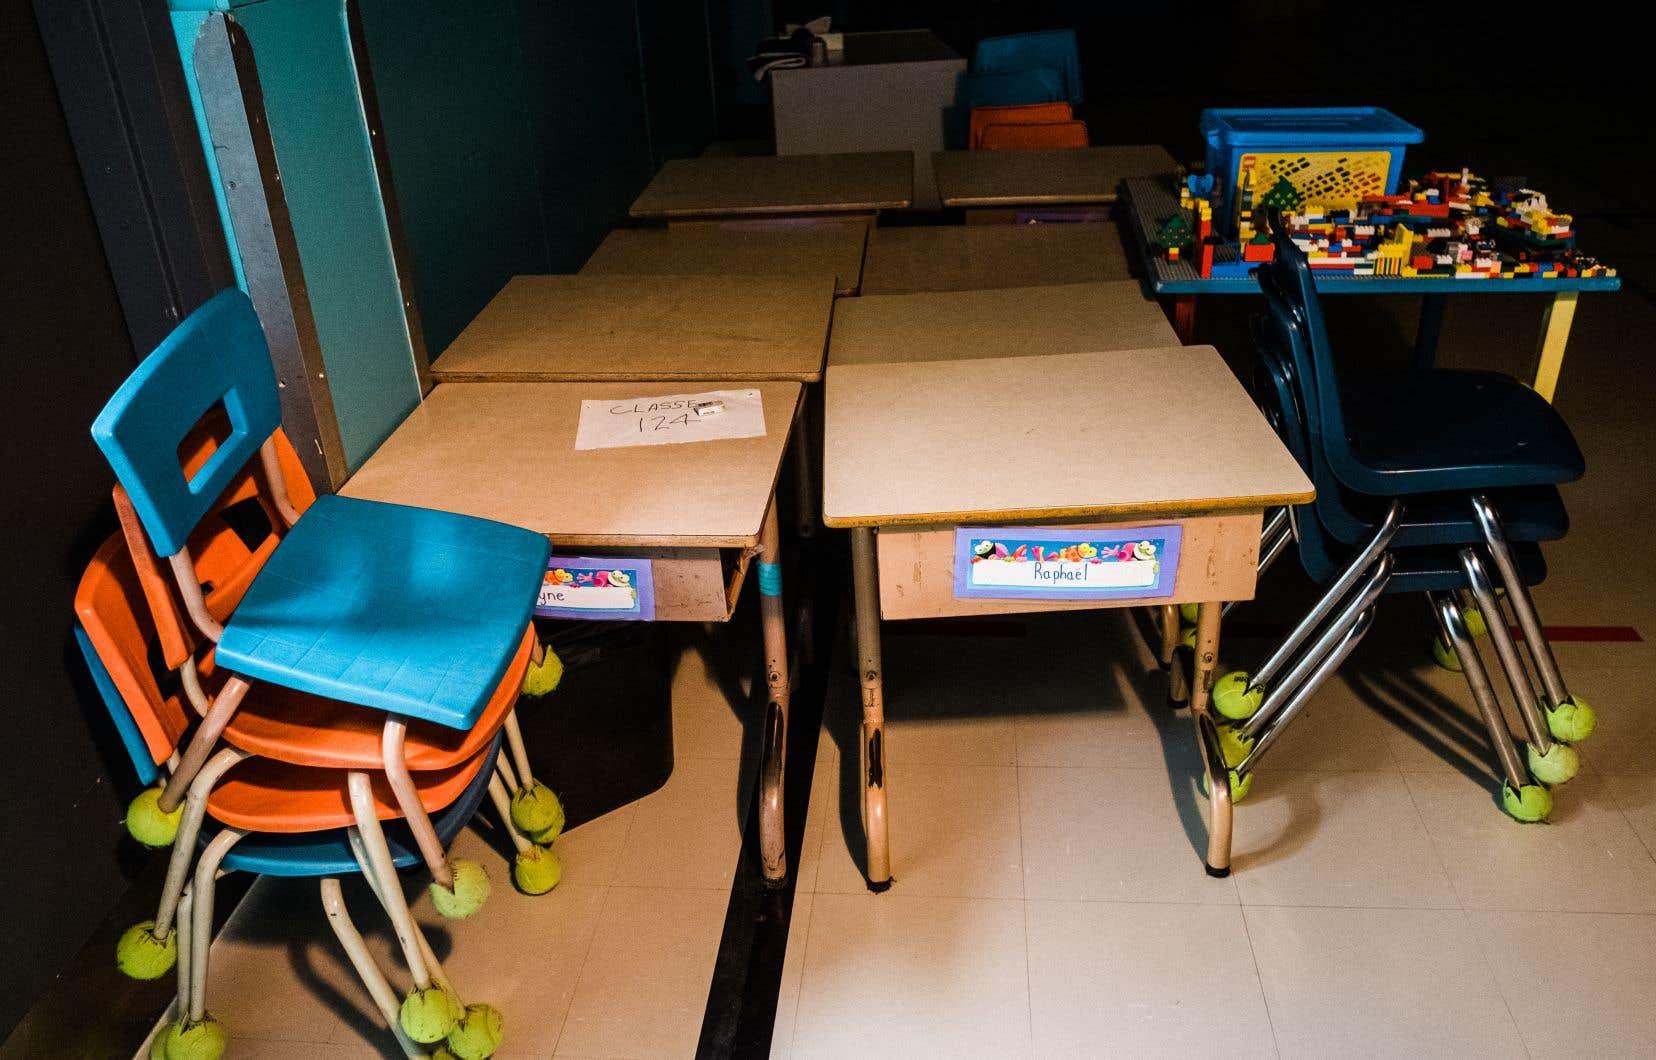 Les autorités espéraient que les classes pour environ 500 élèves de l'école Kisemattawa Kiskinwahamakew Kamik seraient annulées un temps seulement. Mais à mesure que les cas augmentaient dans la communauté, les responsables ont réalisé que les enfants étaient toujours plus en sécurité à la maison.